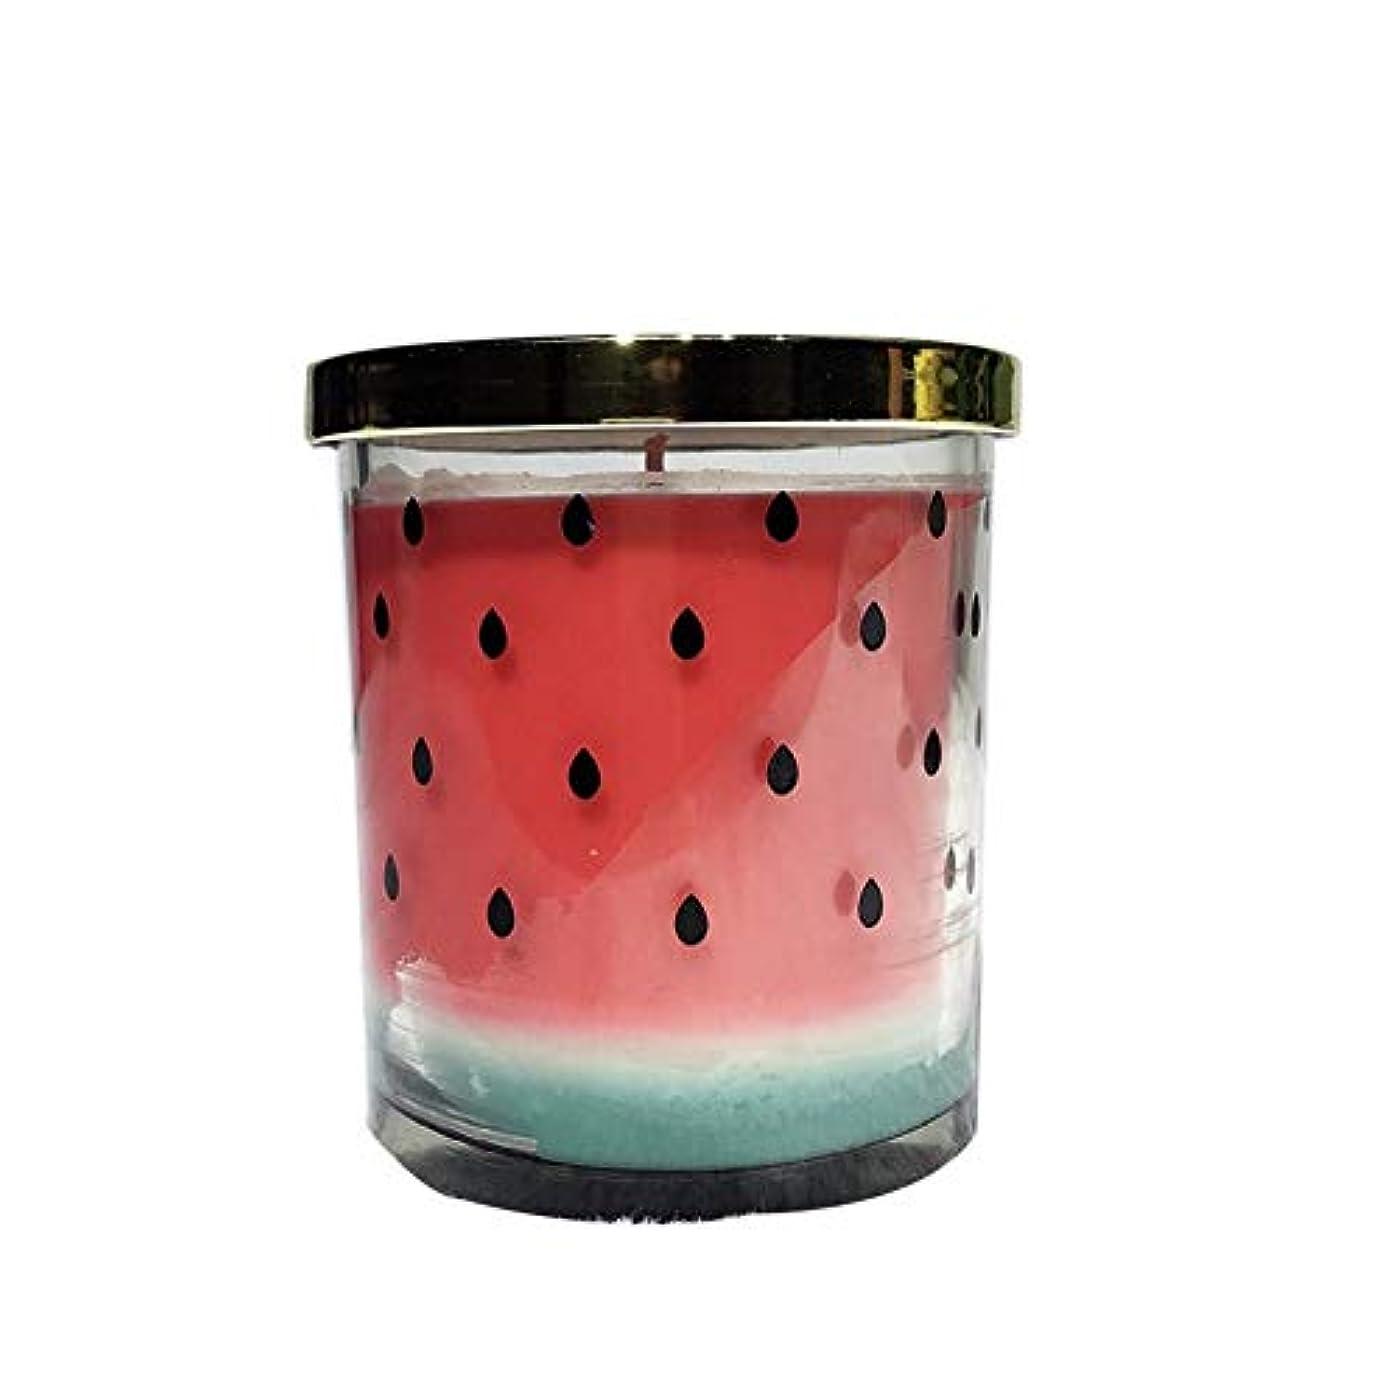 ペチコート横向き比較Ztian 天然エッセンシャルオイルフルーツの香りキャンドルウェディングホテルギフト (色 : Watermelon)